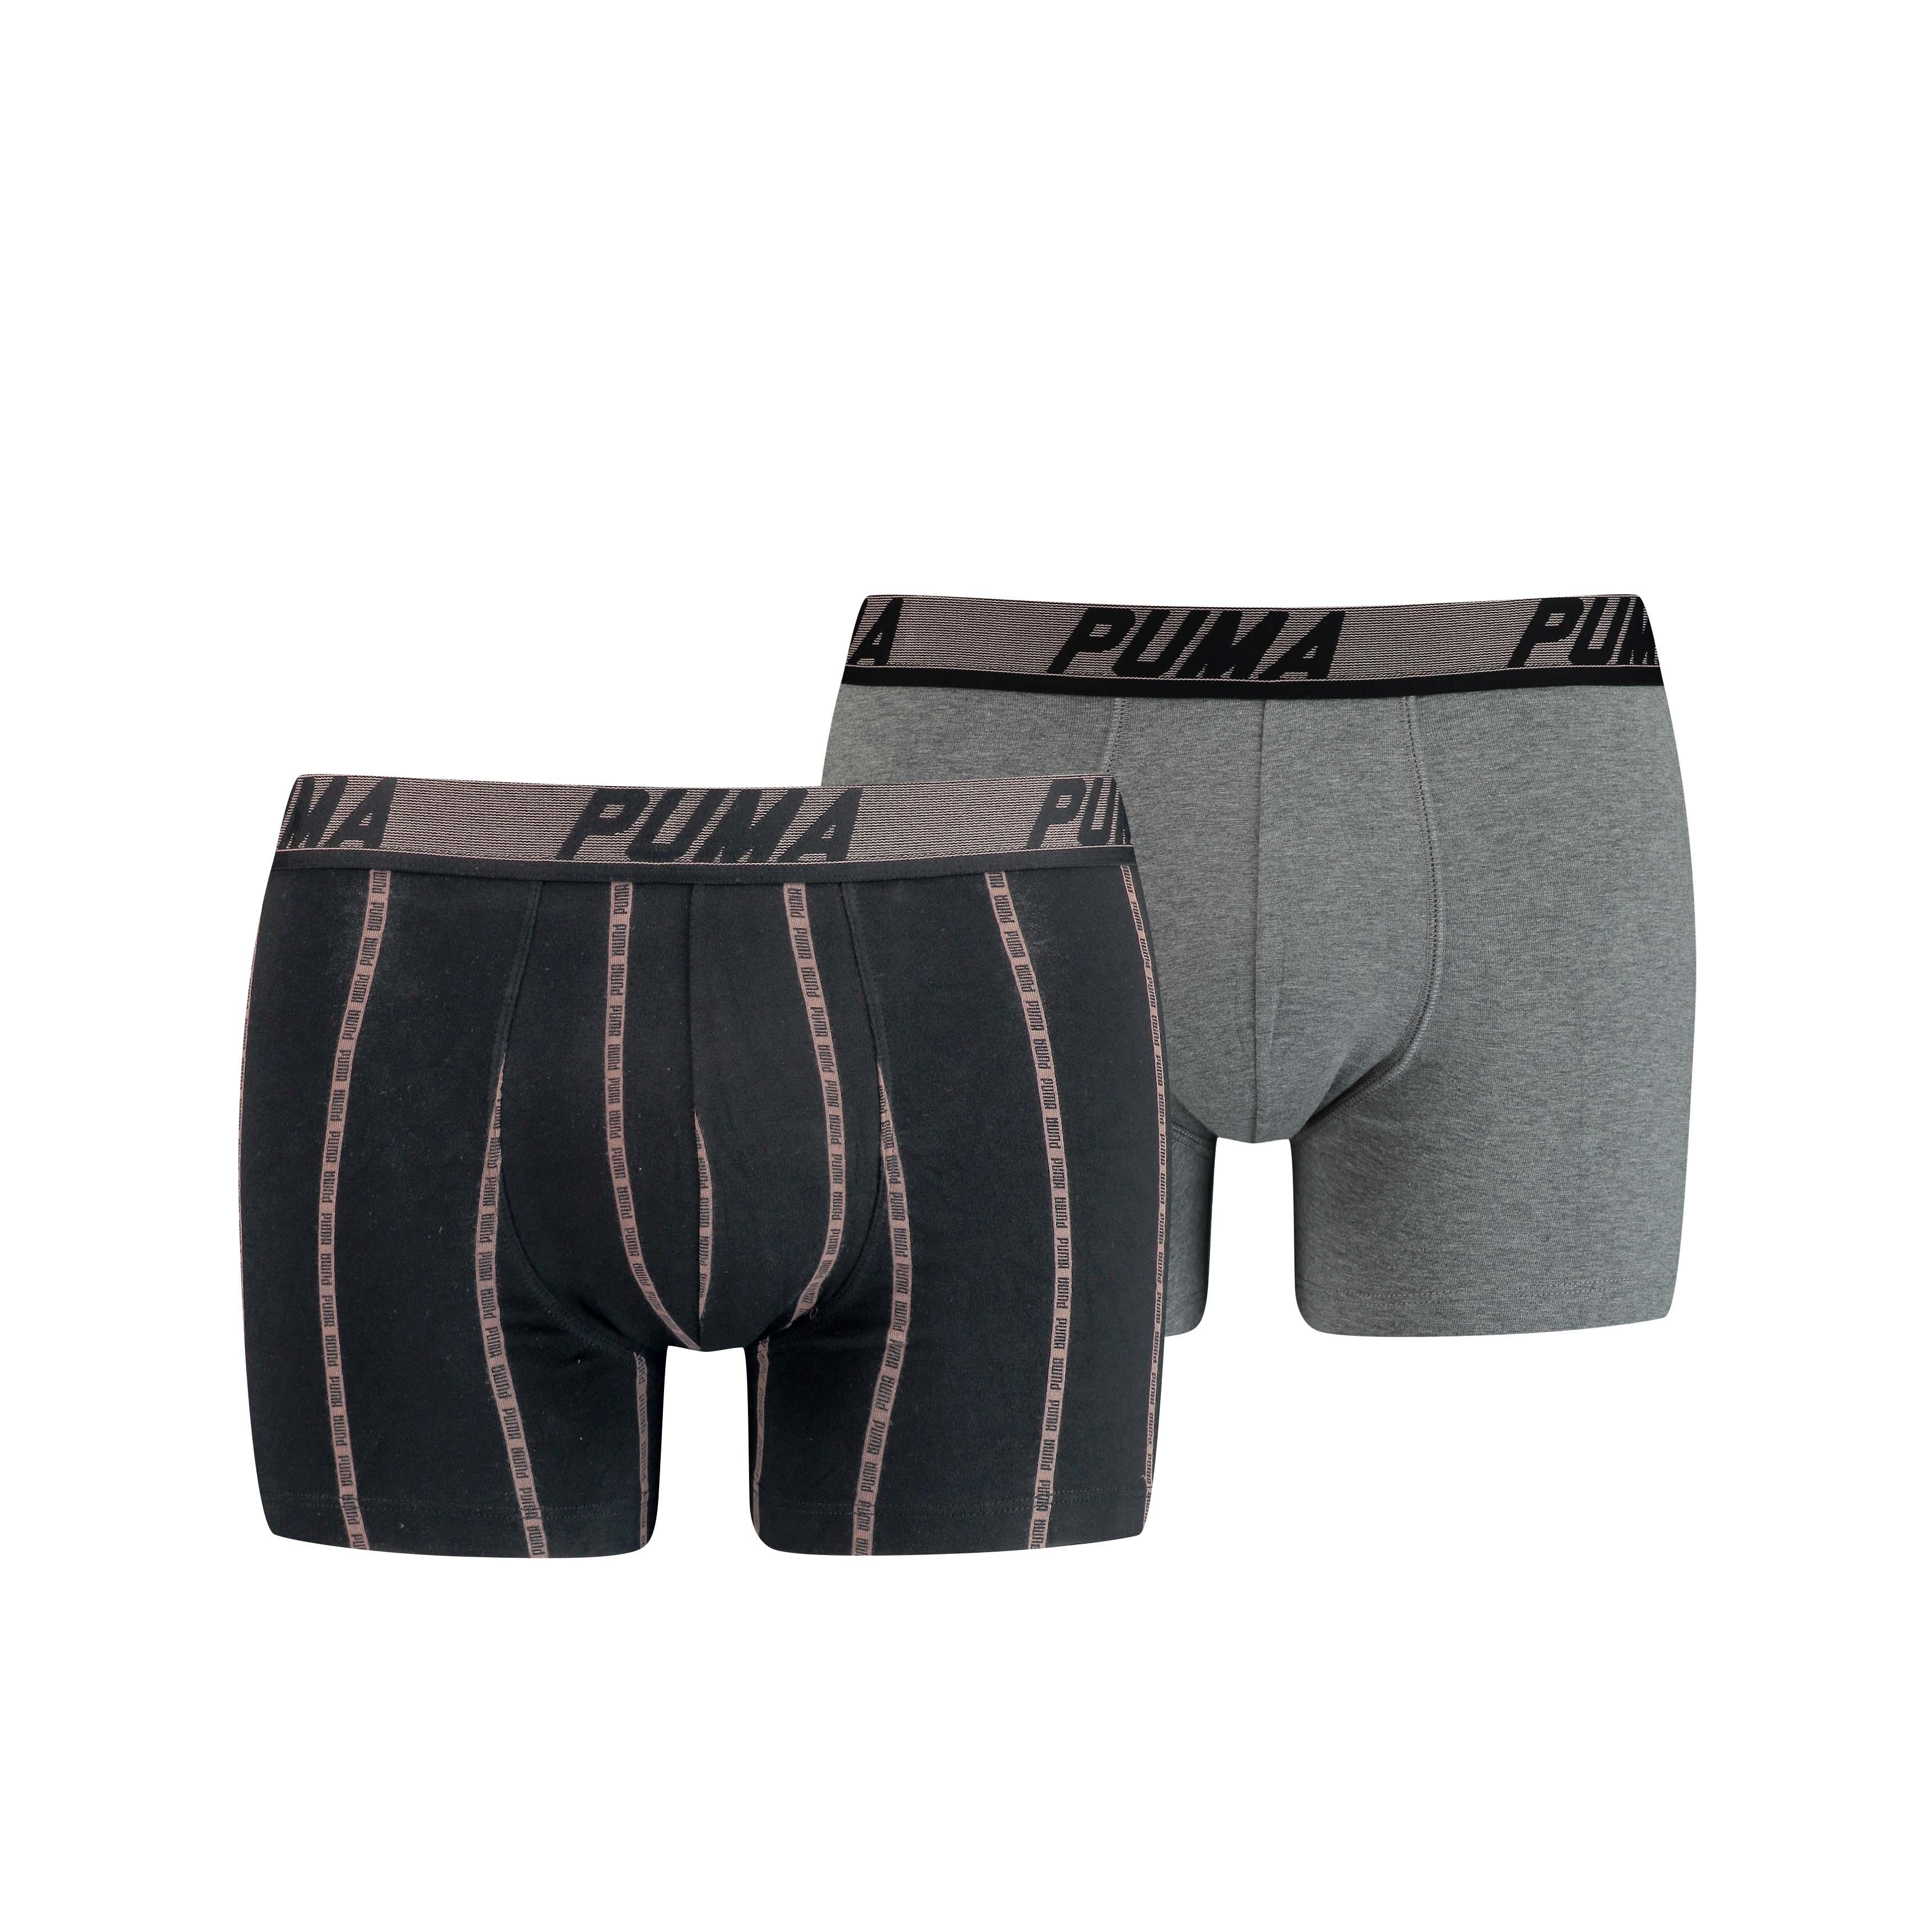 Puma Boxershorts Logo Stripe Black Combo 2-Pack-L